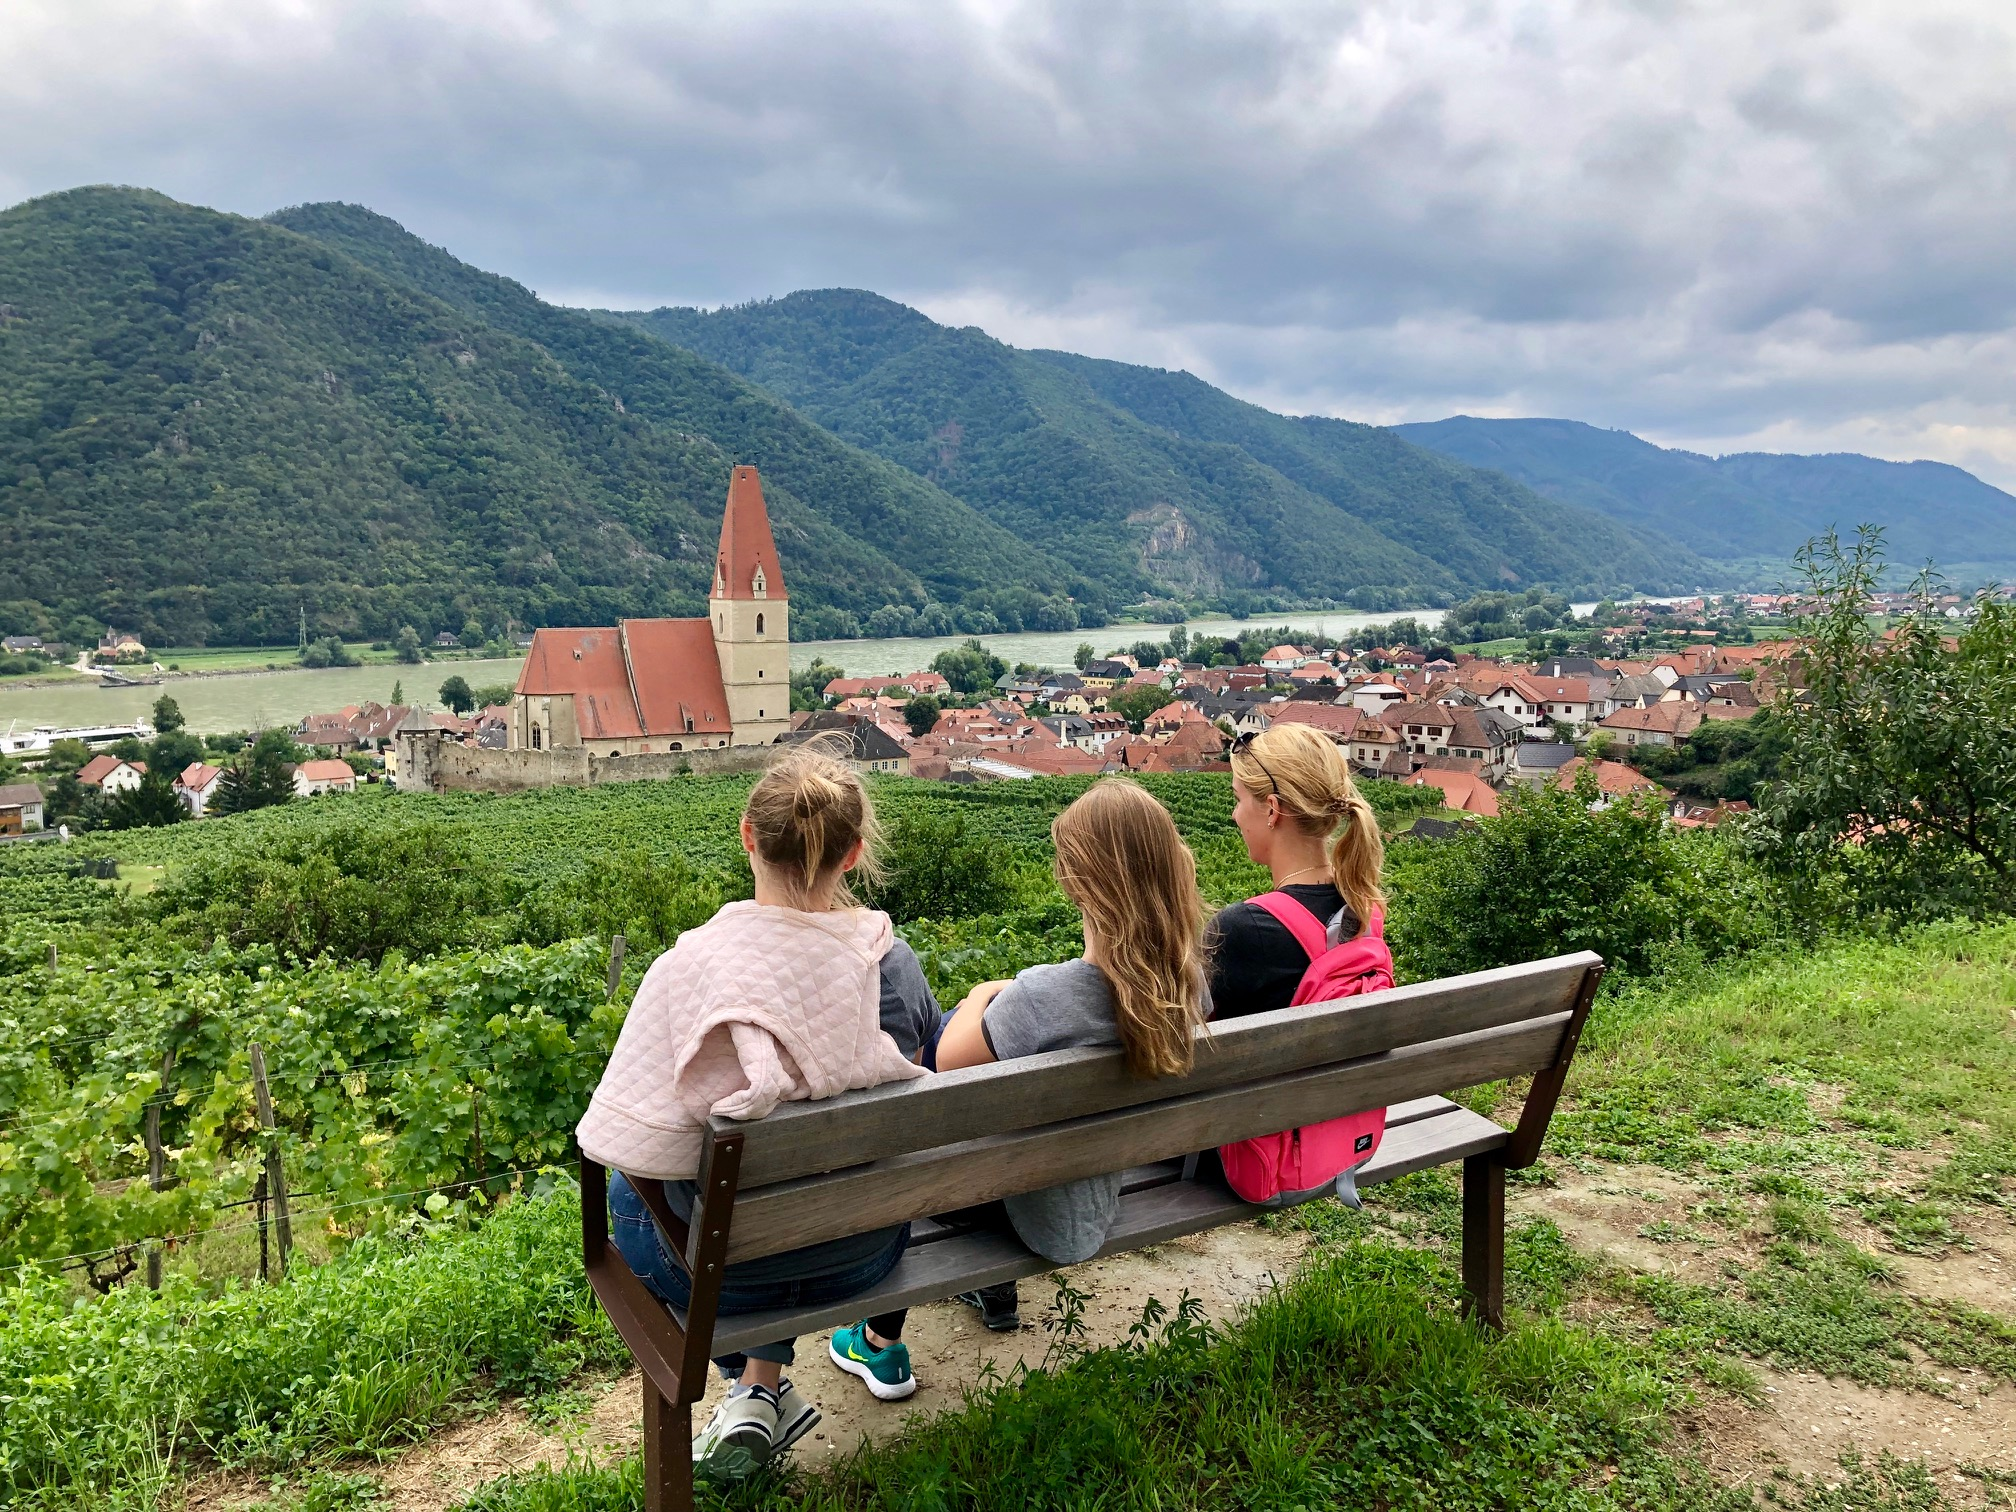 Уикенд в Австрии: чем заняться в долине Вахау